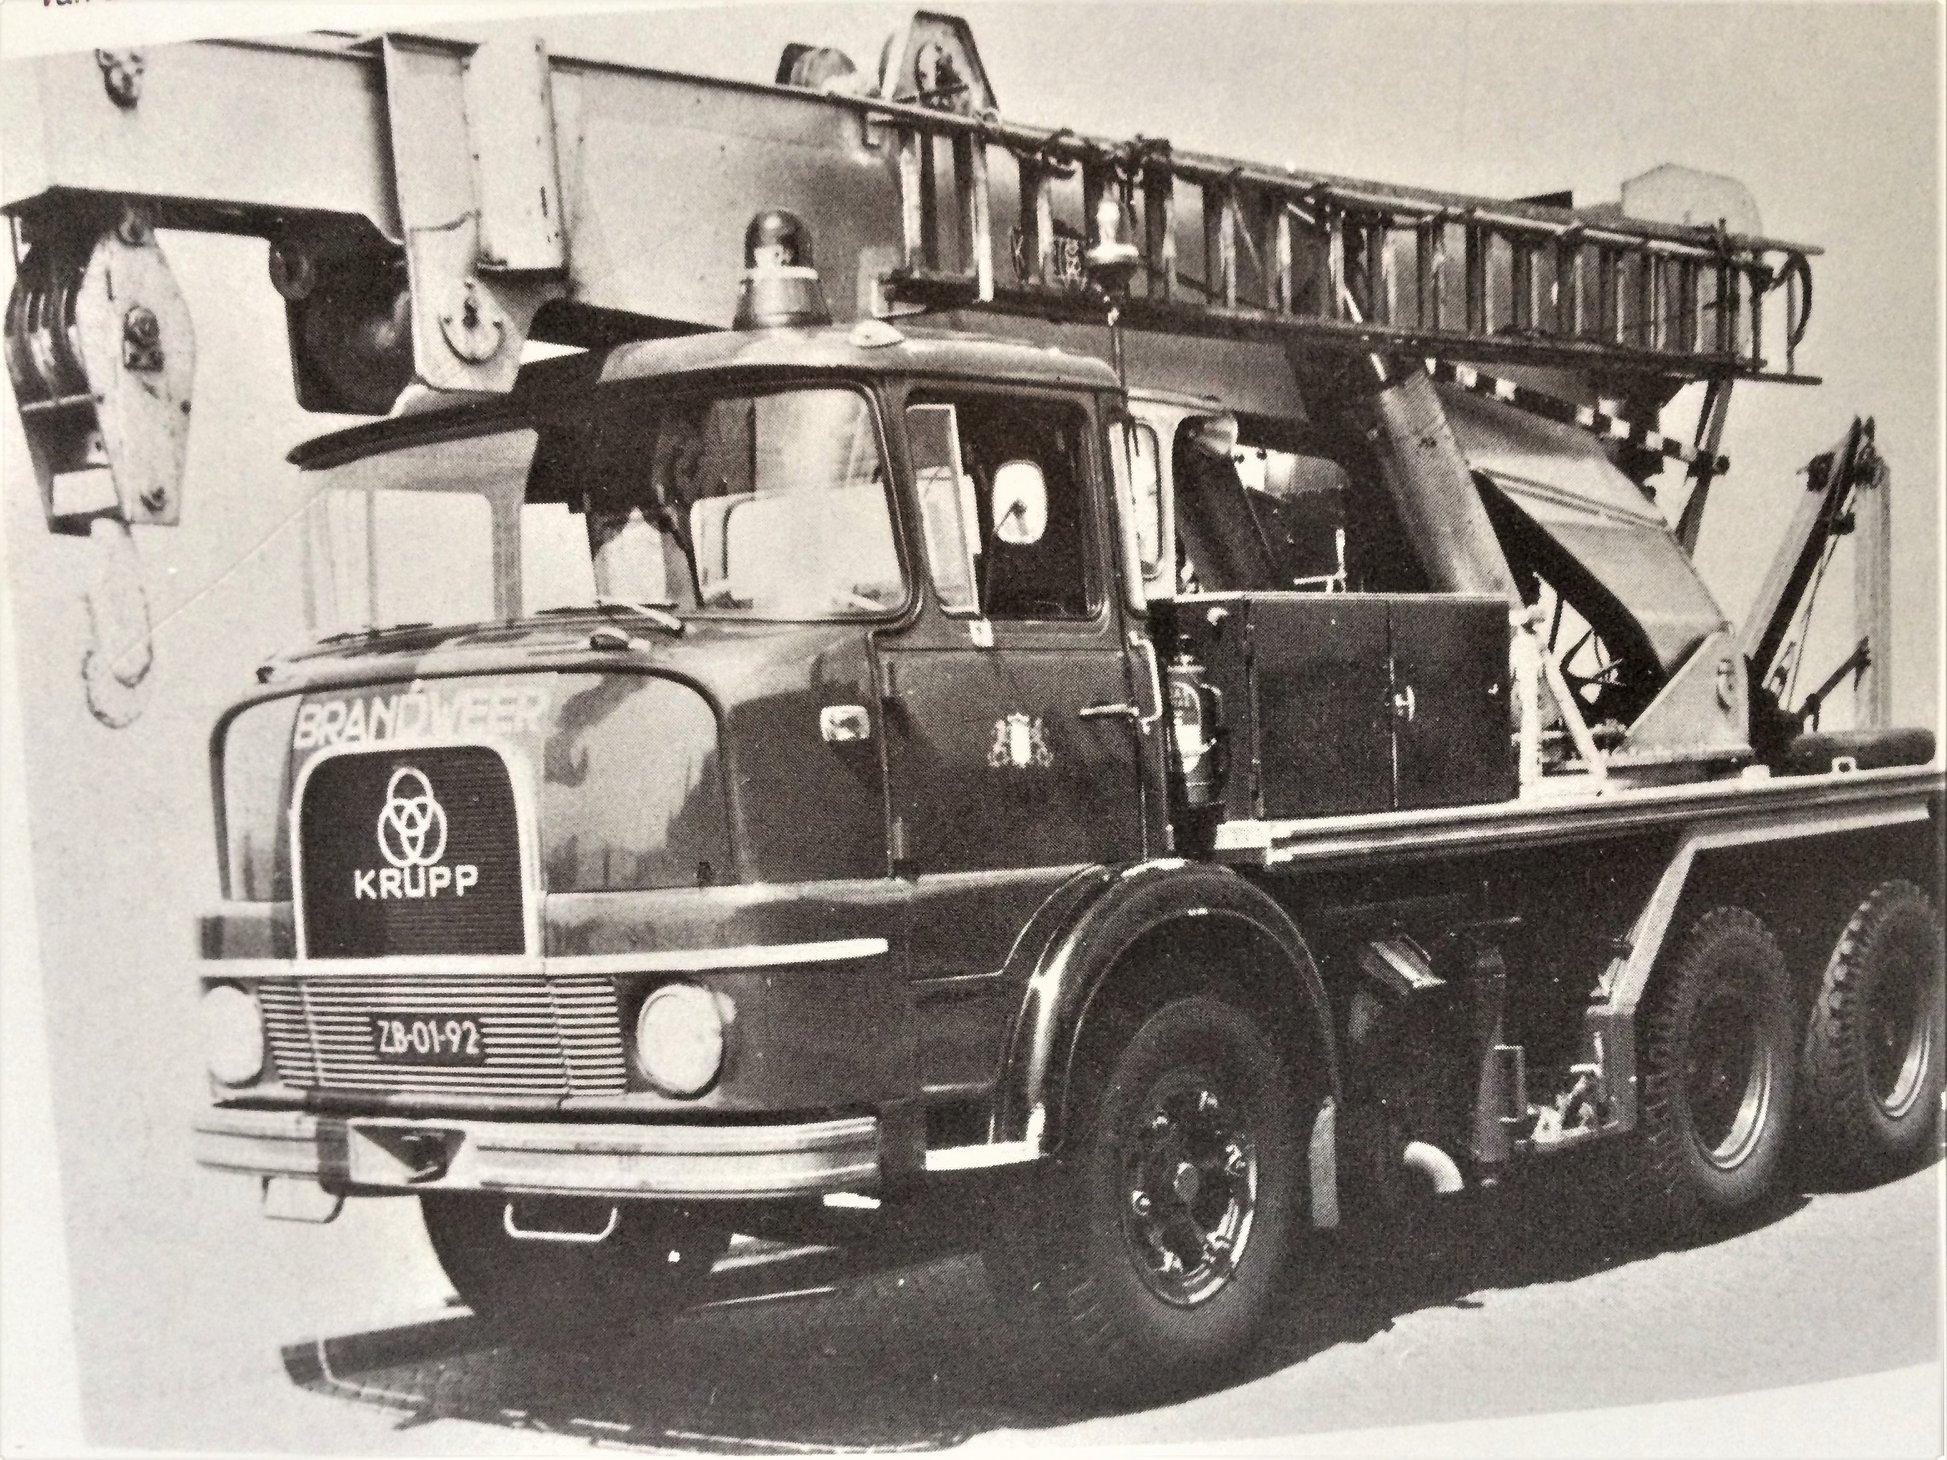 Krupp-bergingsauto-van-de-Haagse-Brandweer